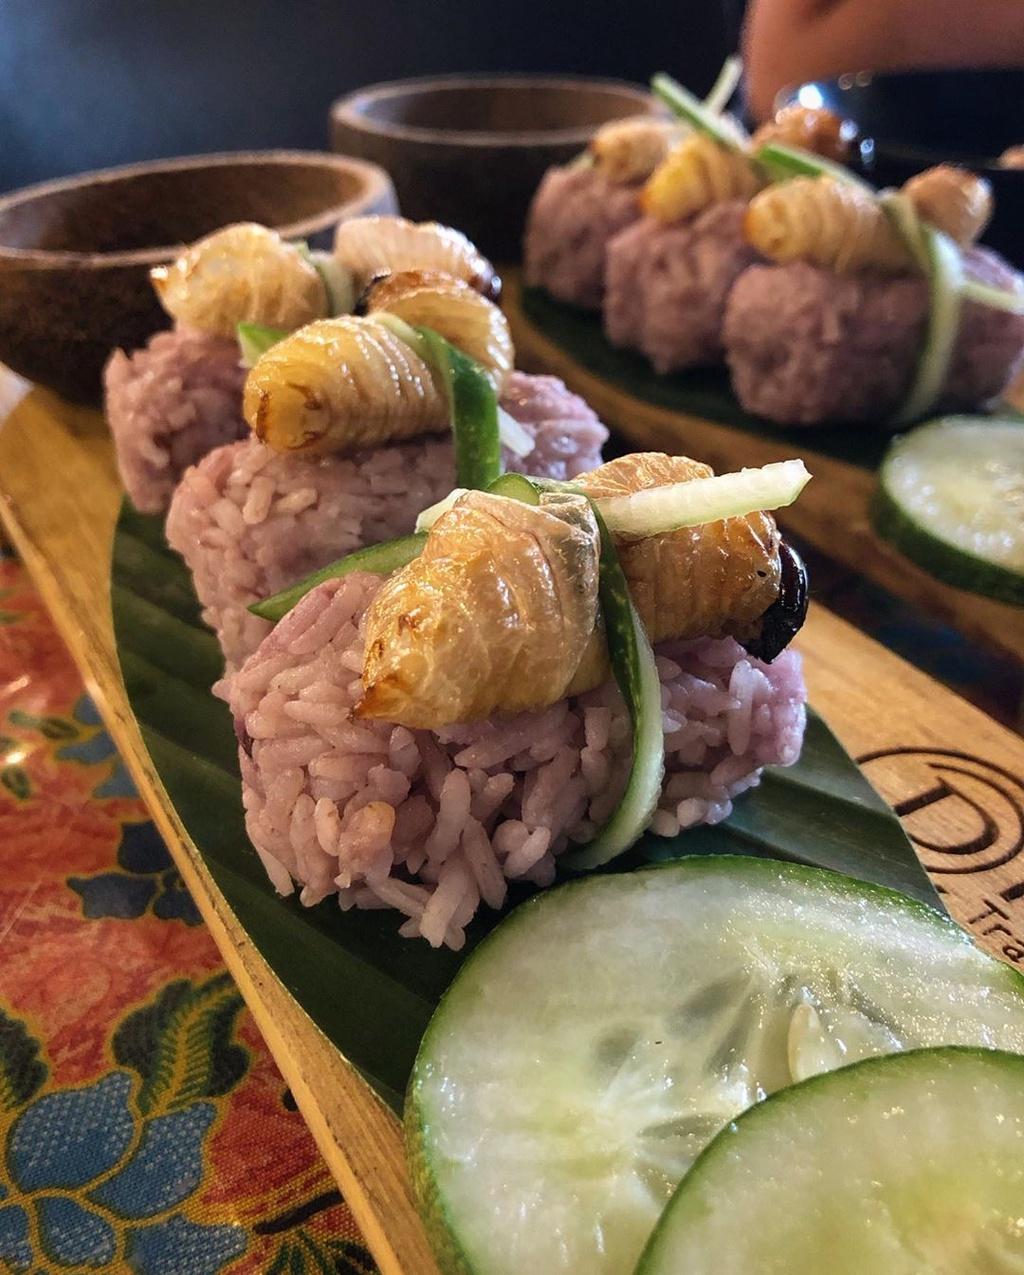 kham-pha-mon-sushi-duong-dua-ky-la-o-malaysia-ivivu-2